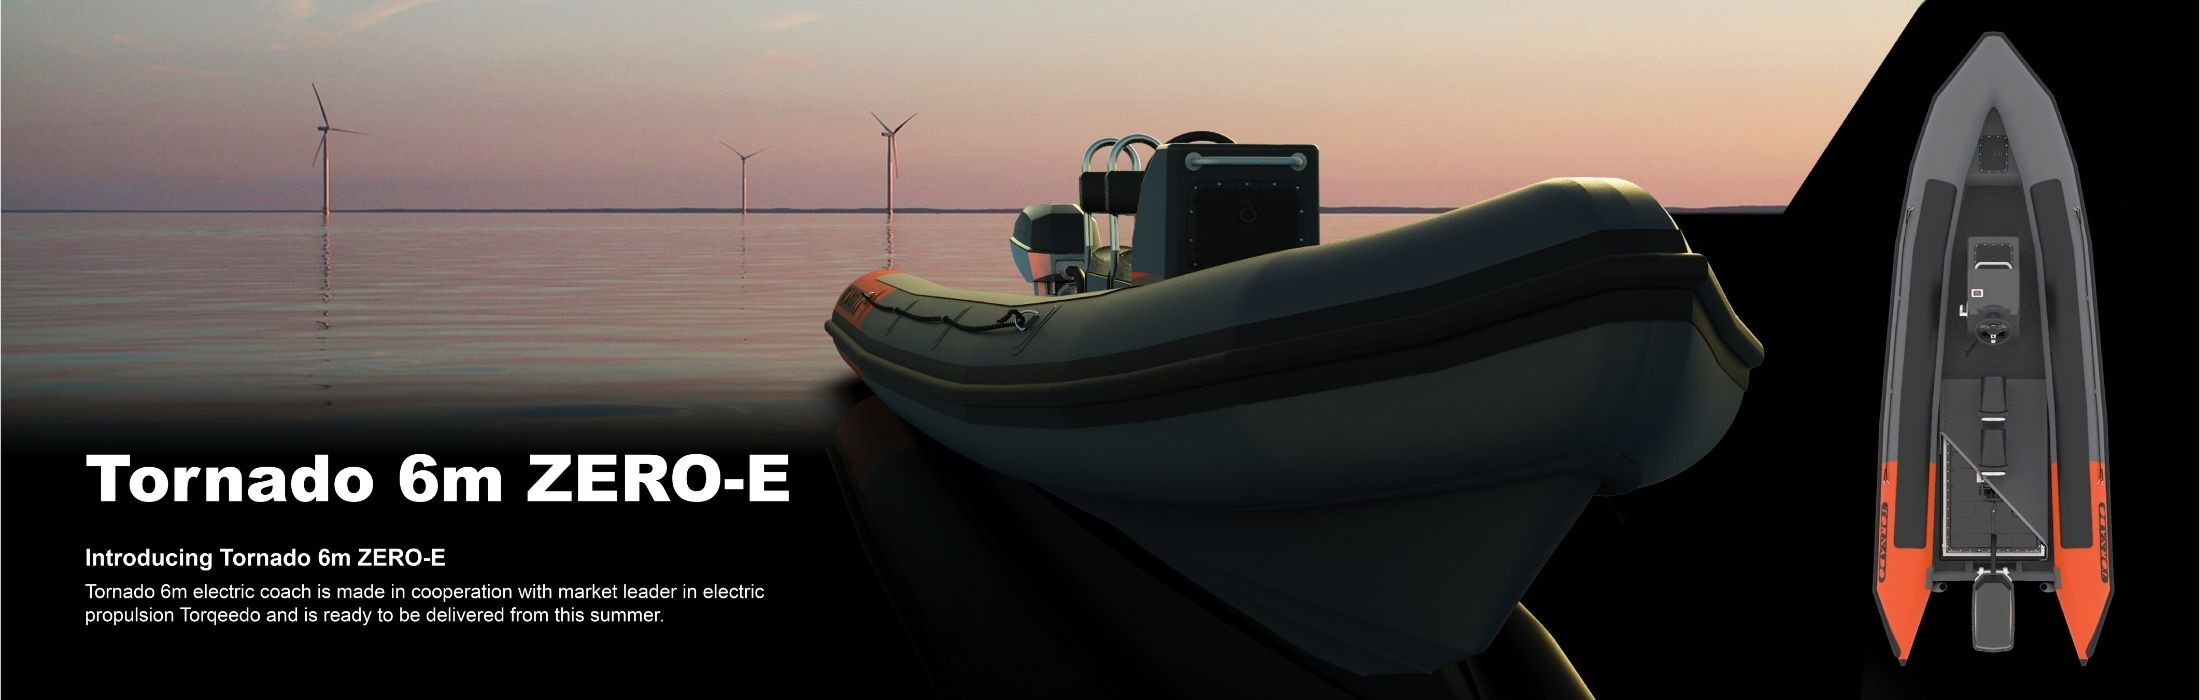 6m zero-e rib from Tornado Boats